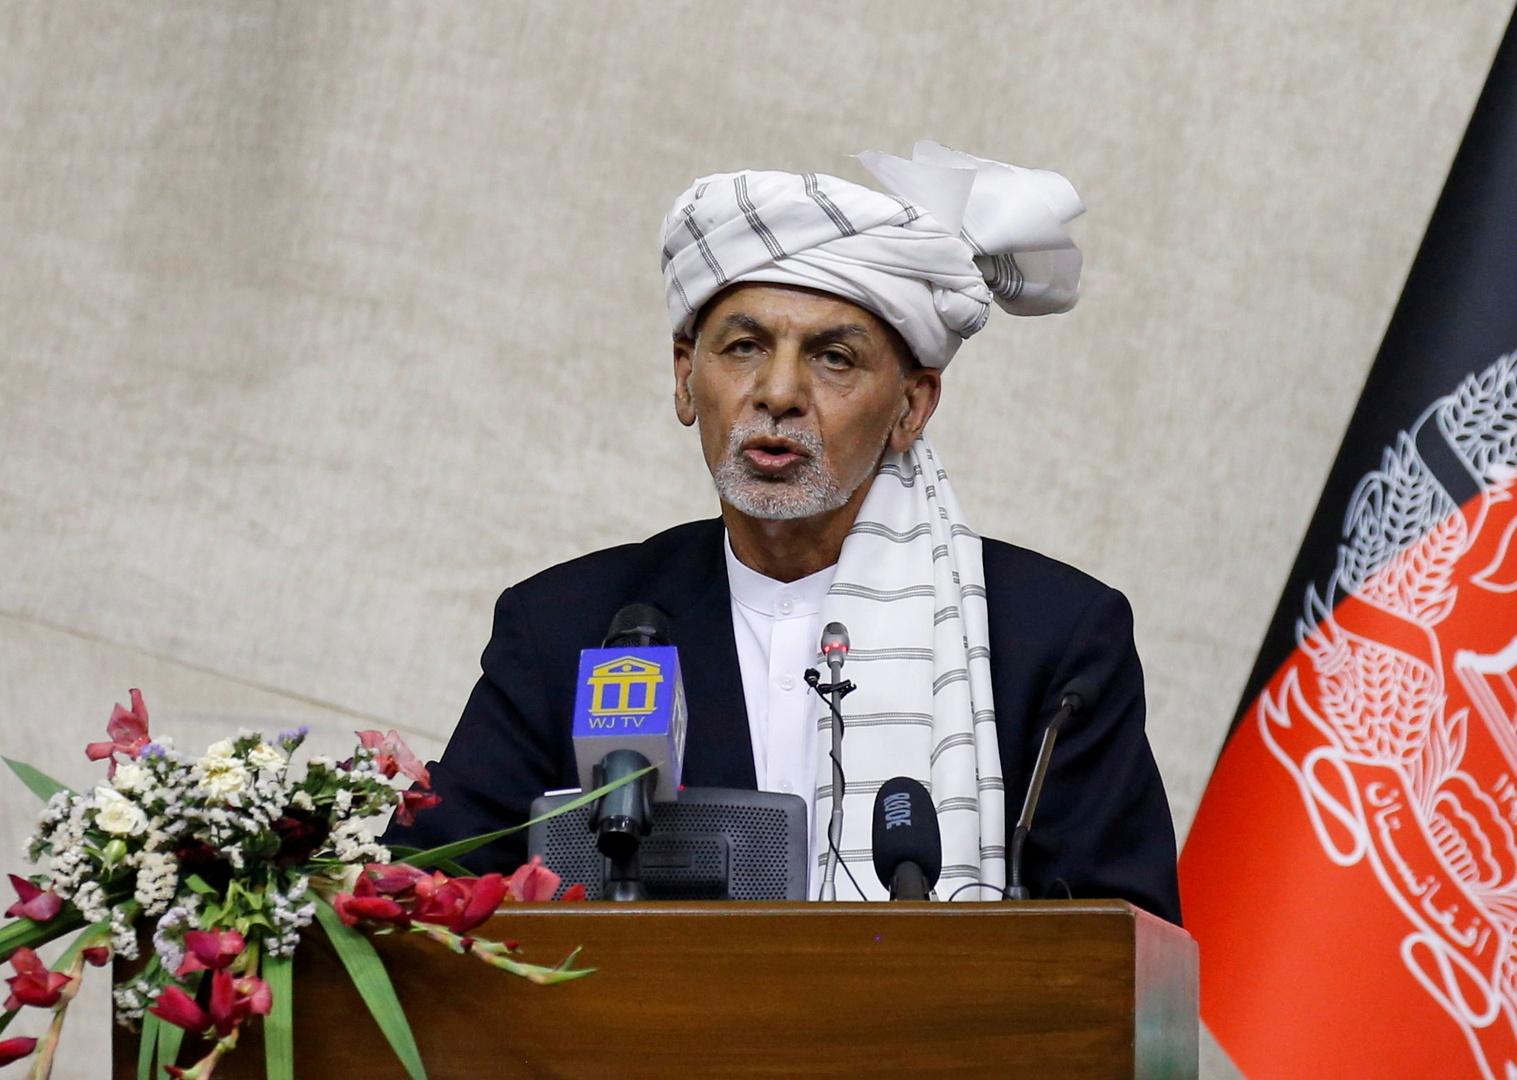 الولايات المتحدة تدرس التقارير عن سحب أشرف غني أموالا من أفغانستان